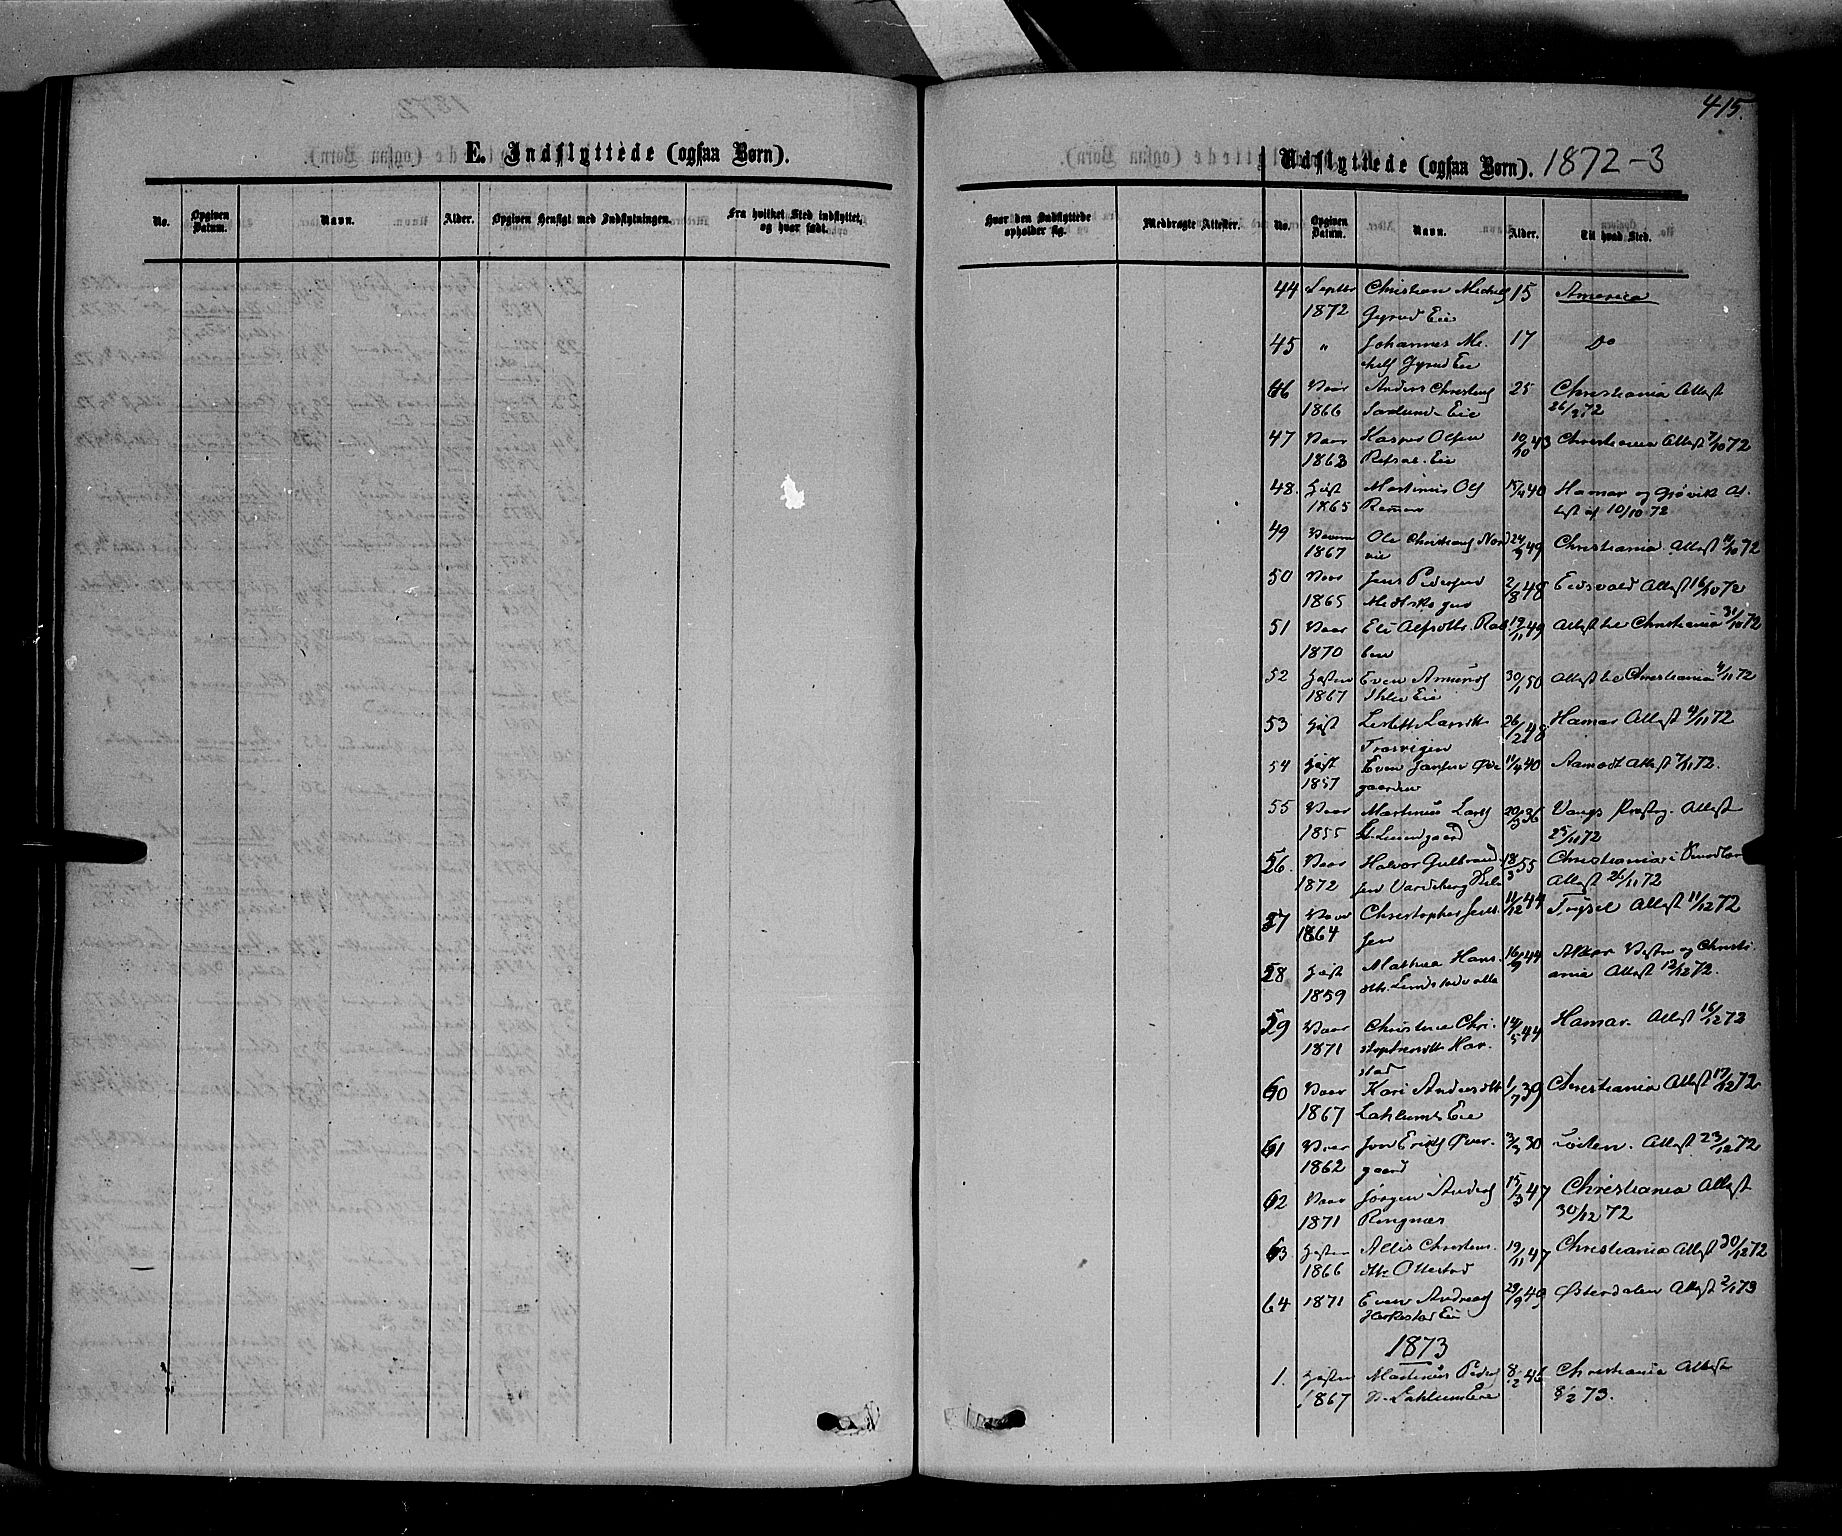 SAH, Stange prestekontor, K/L0013: Parish register (official) no. 13, 1862-1879, p. 415